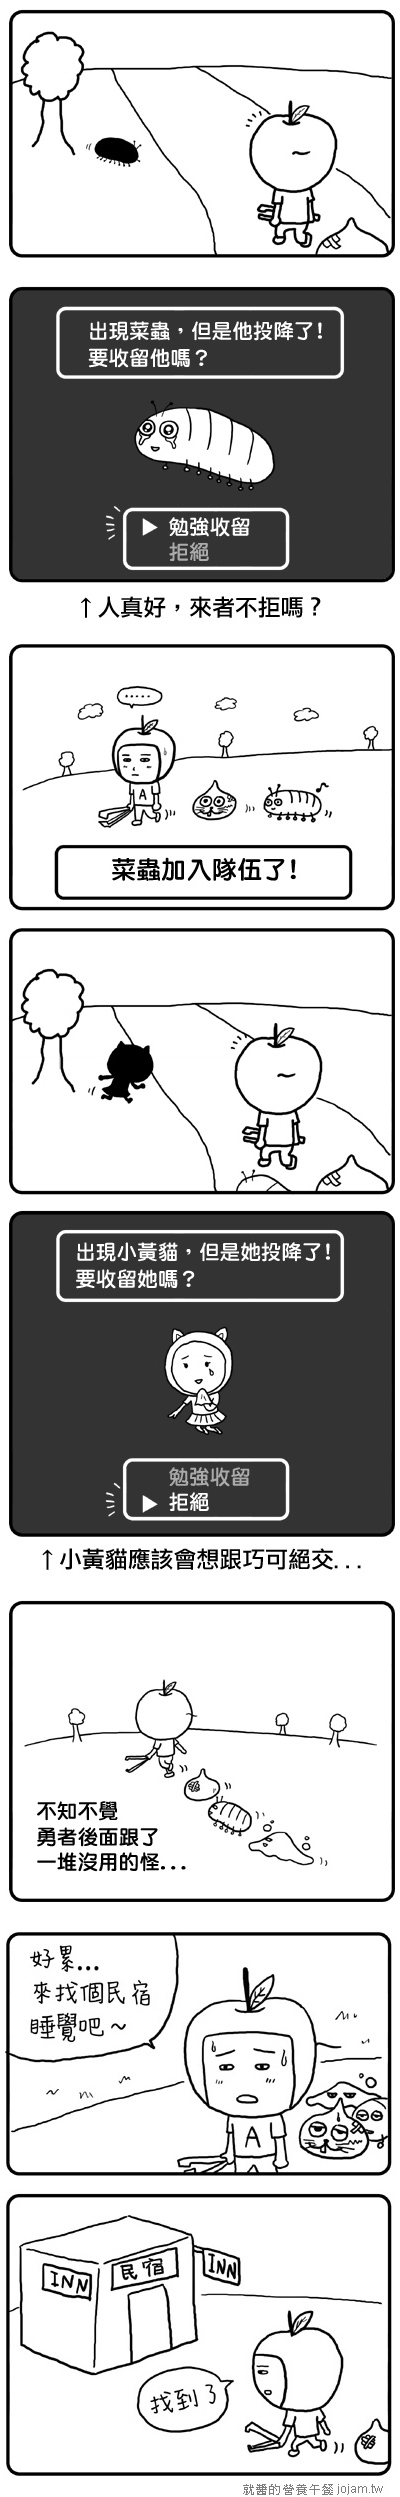 勇者鬥惡農_上_07.jpg